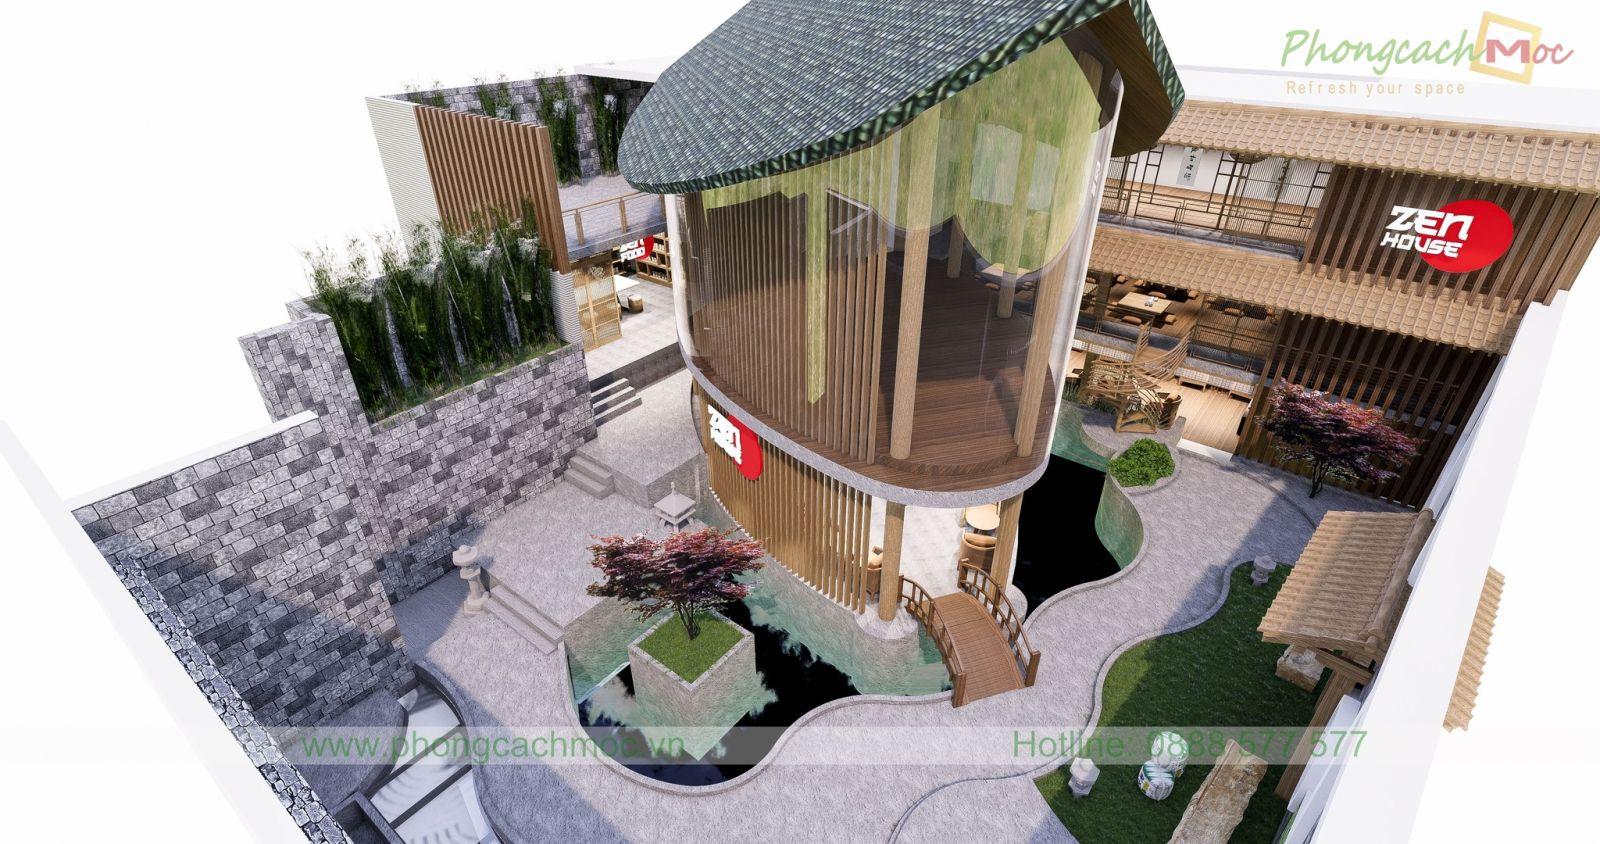 thiết kế nhà hàng chay zenhouse tại quận tân bình